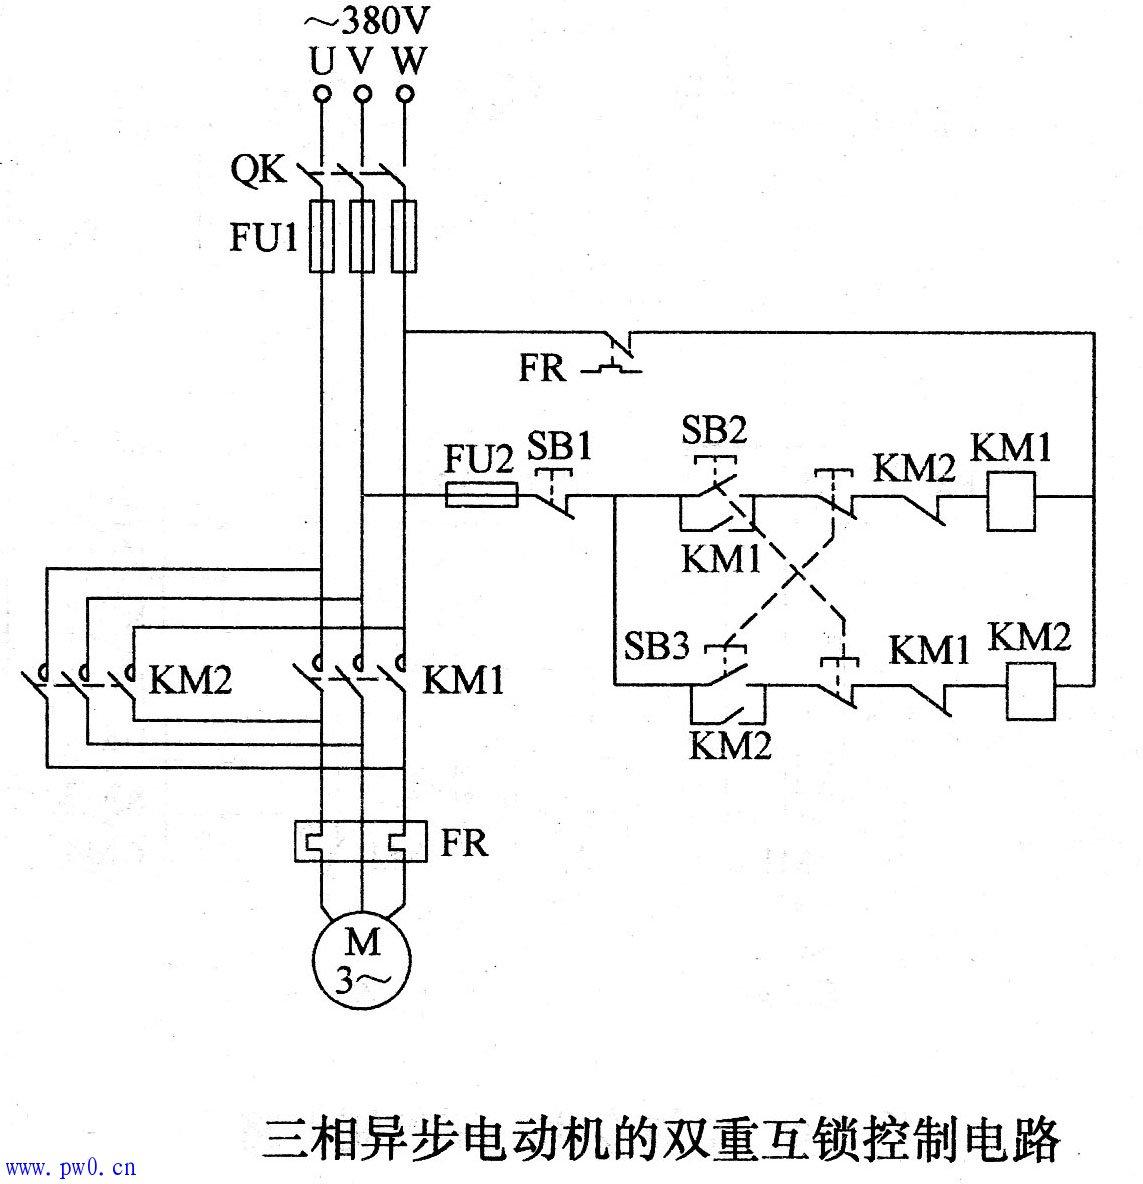 这种电路的优点是:如果要使正转运行的电动机反转,不必先按停止按钮SB1,只要直接按下反转起动按钮SB3即可;当然,从反转运行到正转,也是如此。这种电路具有电气和机械的双重互锁功能,不但提高了控制的可靠性,而且既可实现正转-停止-反转-停止的控制,又可实现正转-反转-停止的控制